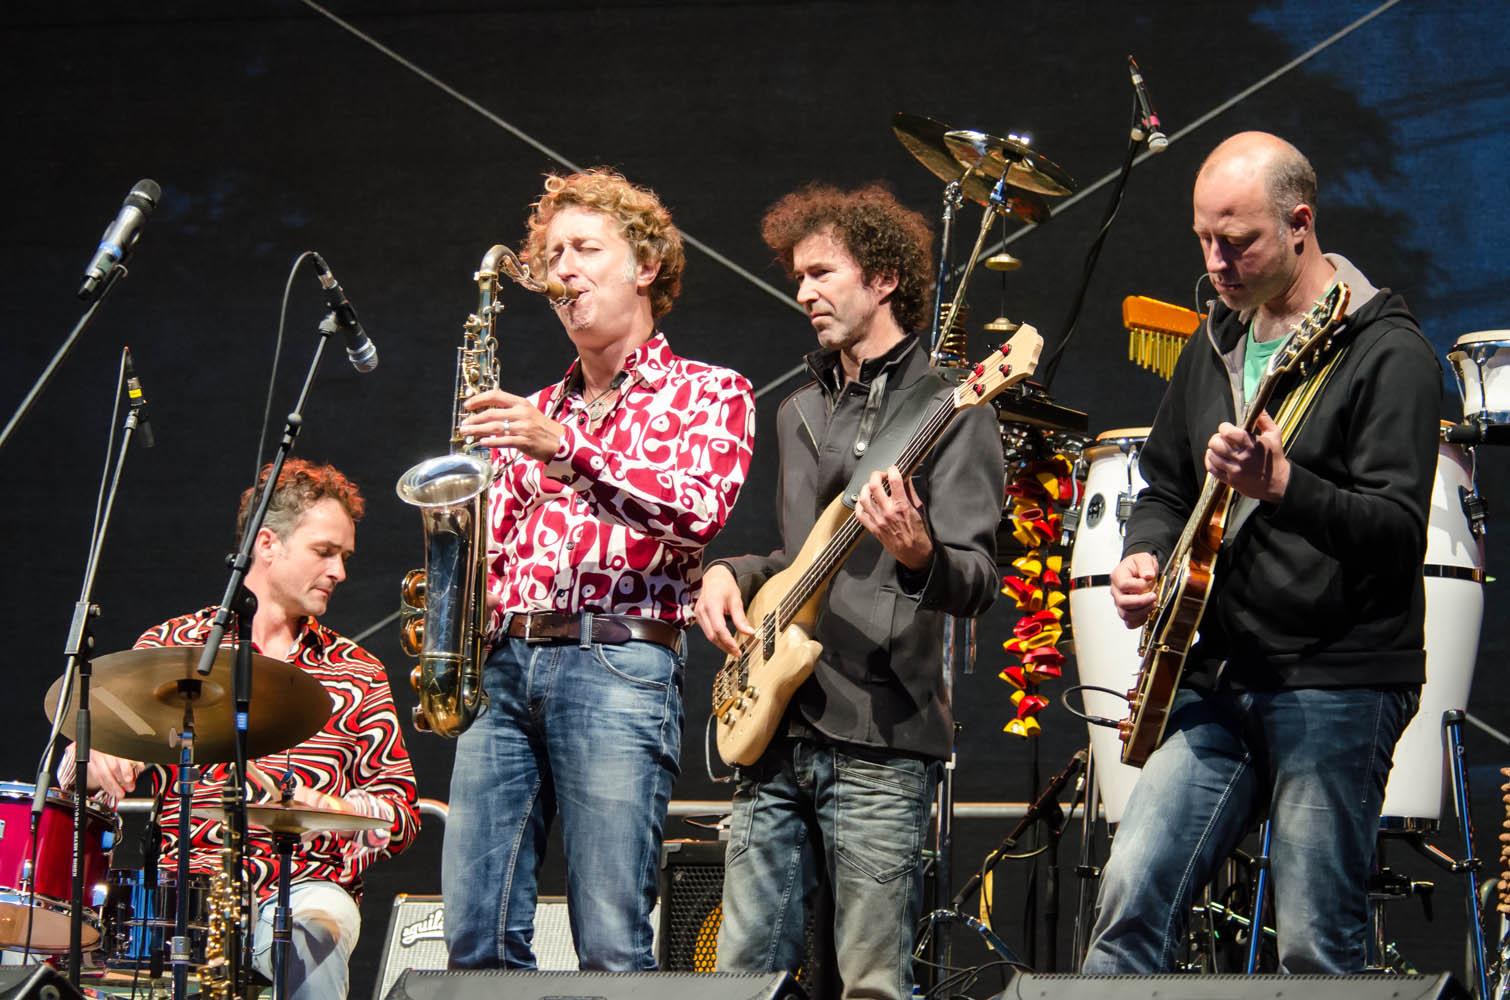 Stefan-Max Wirth Ensemble (1)